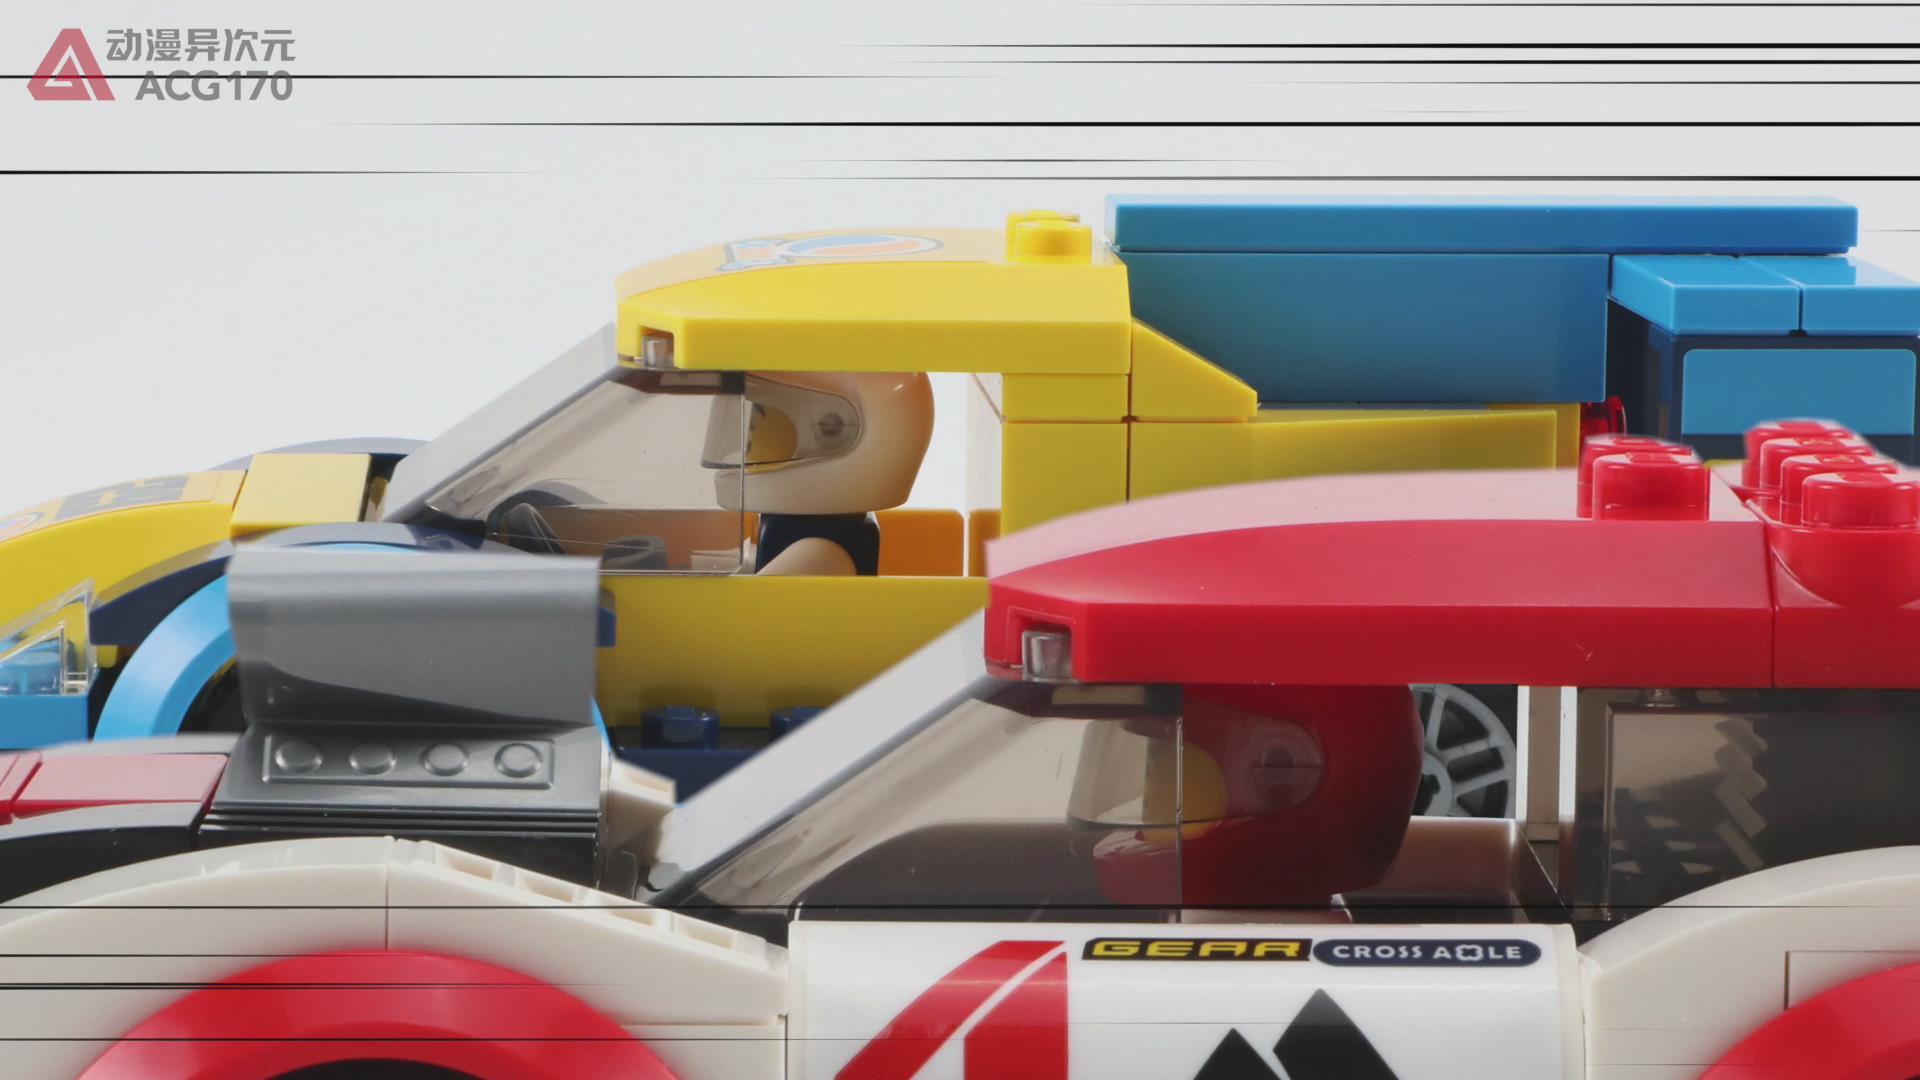 自古红蓝出CP 乐高积木 60256 城市赛车 图文评测